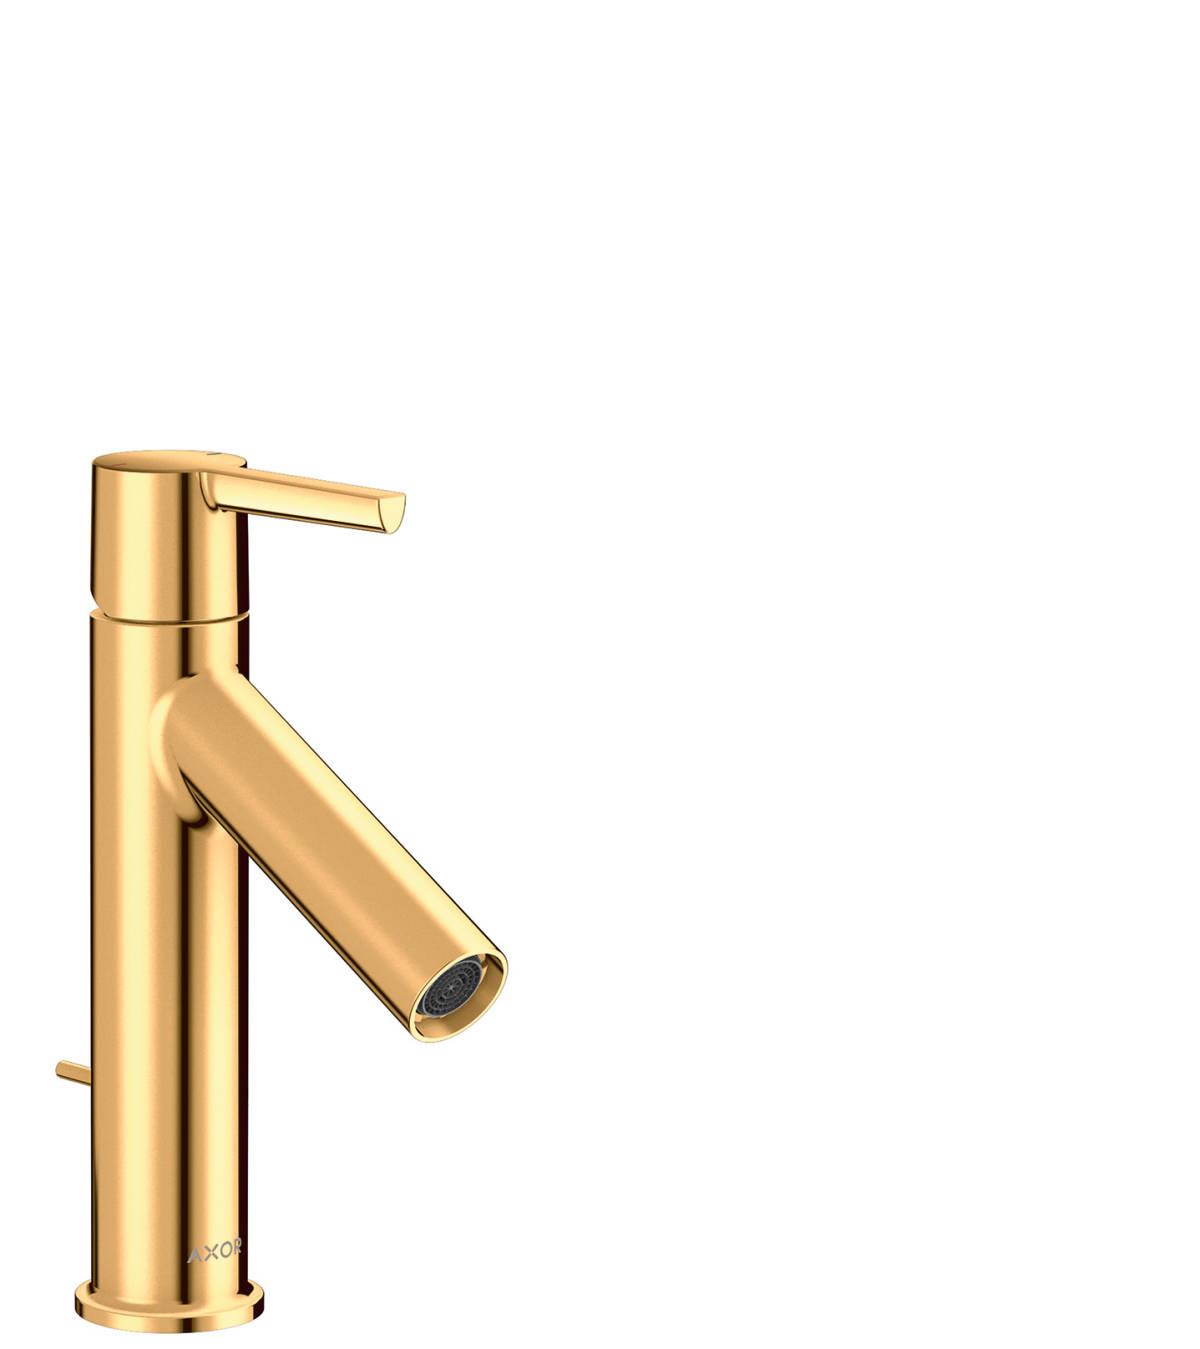 Mezclador monomando de lavabo 100 con manecilla y vaciador automático, color oro pulido, 10001990